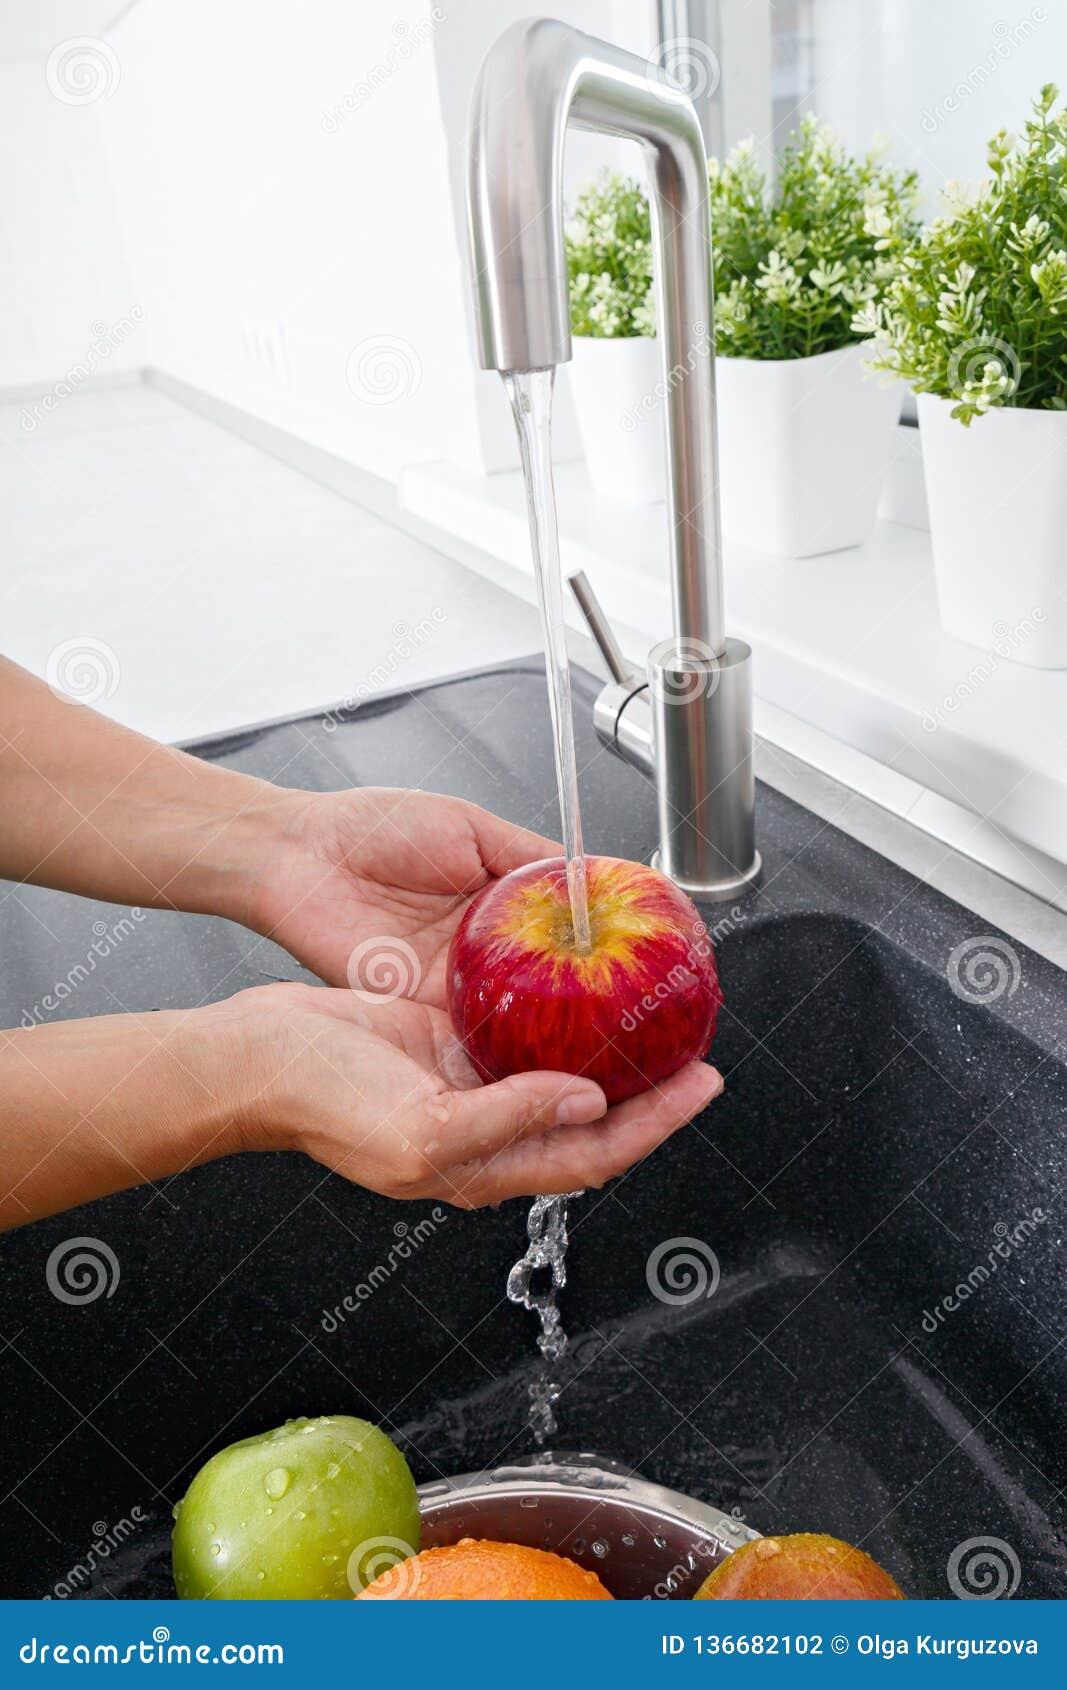 La mujer del cocinero lava una manzana debajo de la agua corriente de un golpecito de agua